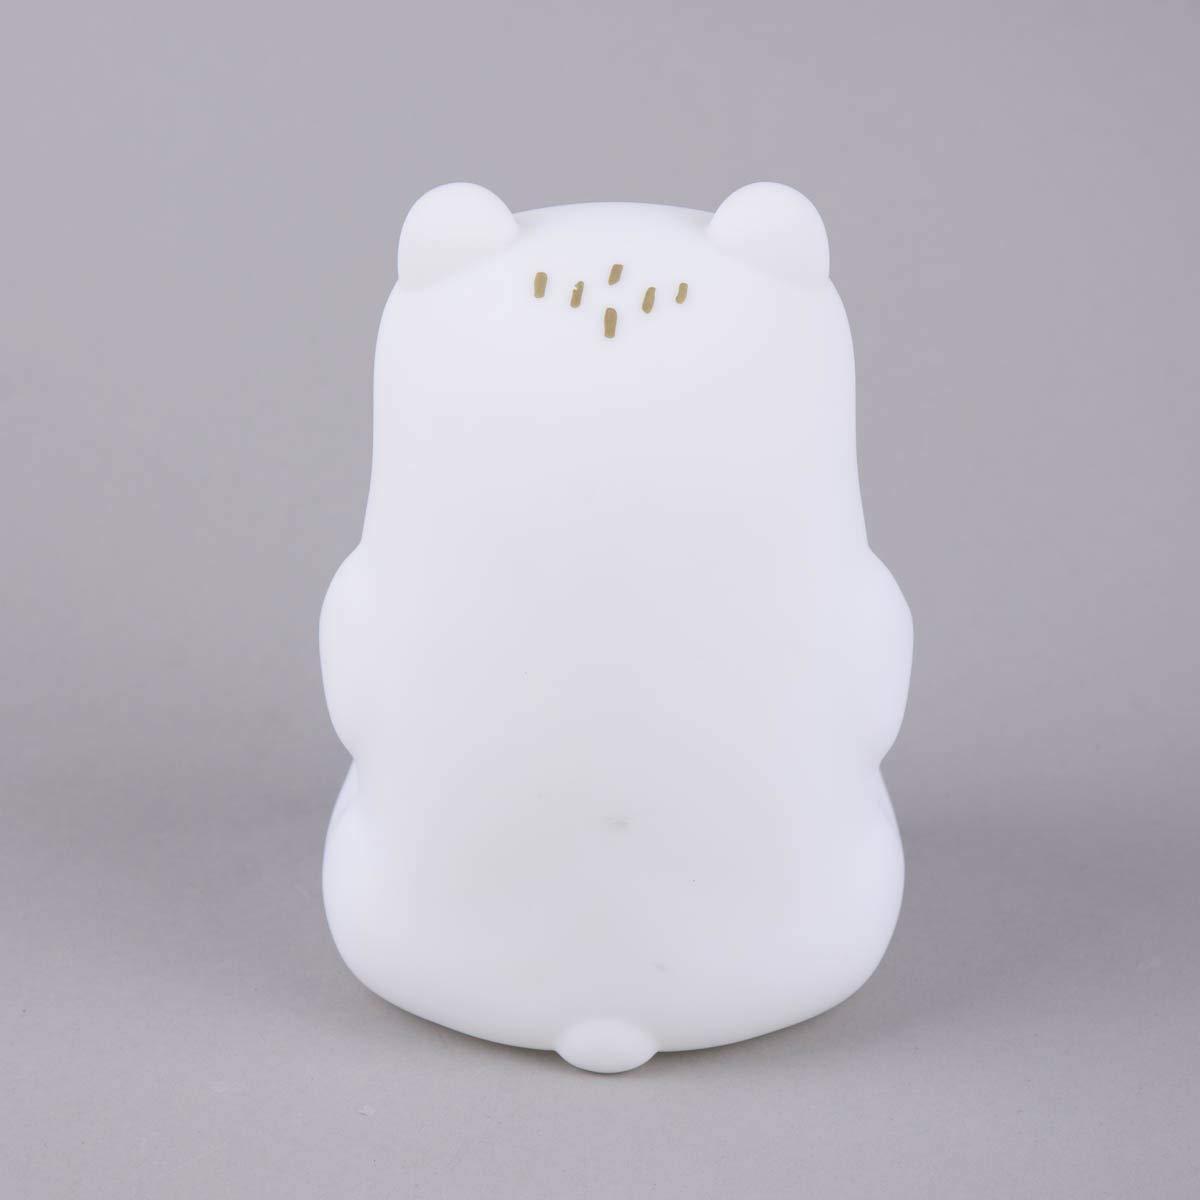 Lampara nocturna original oso para la habitacion de beb/é